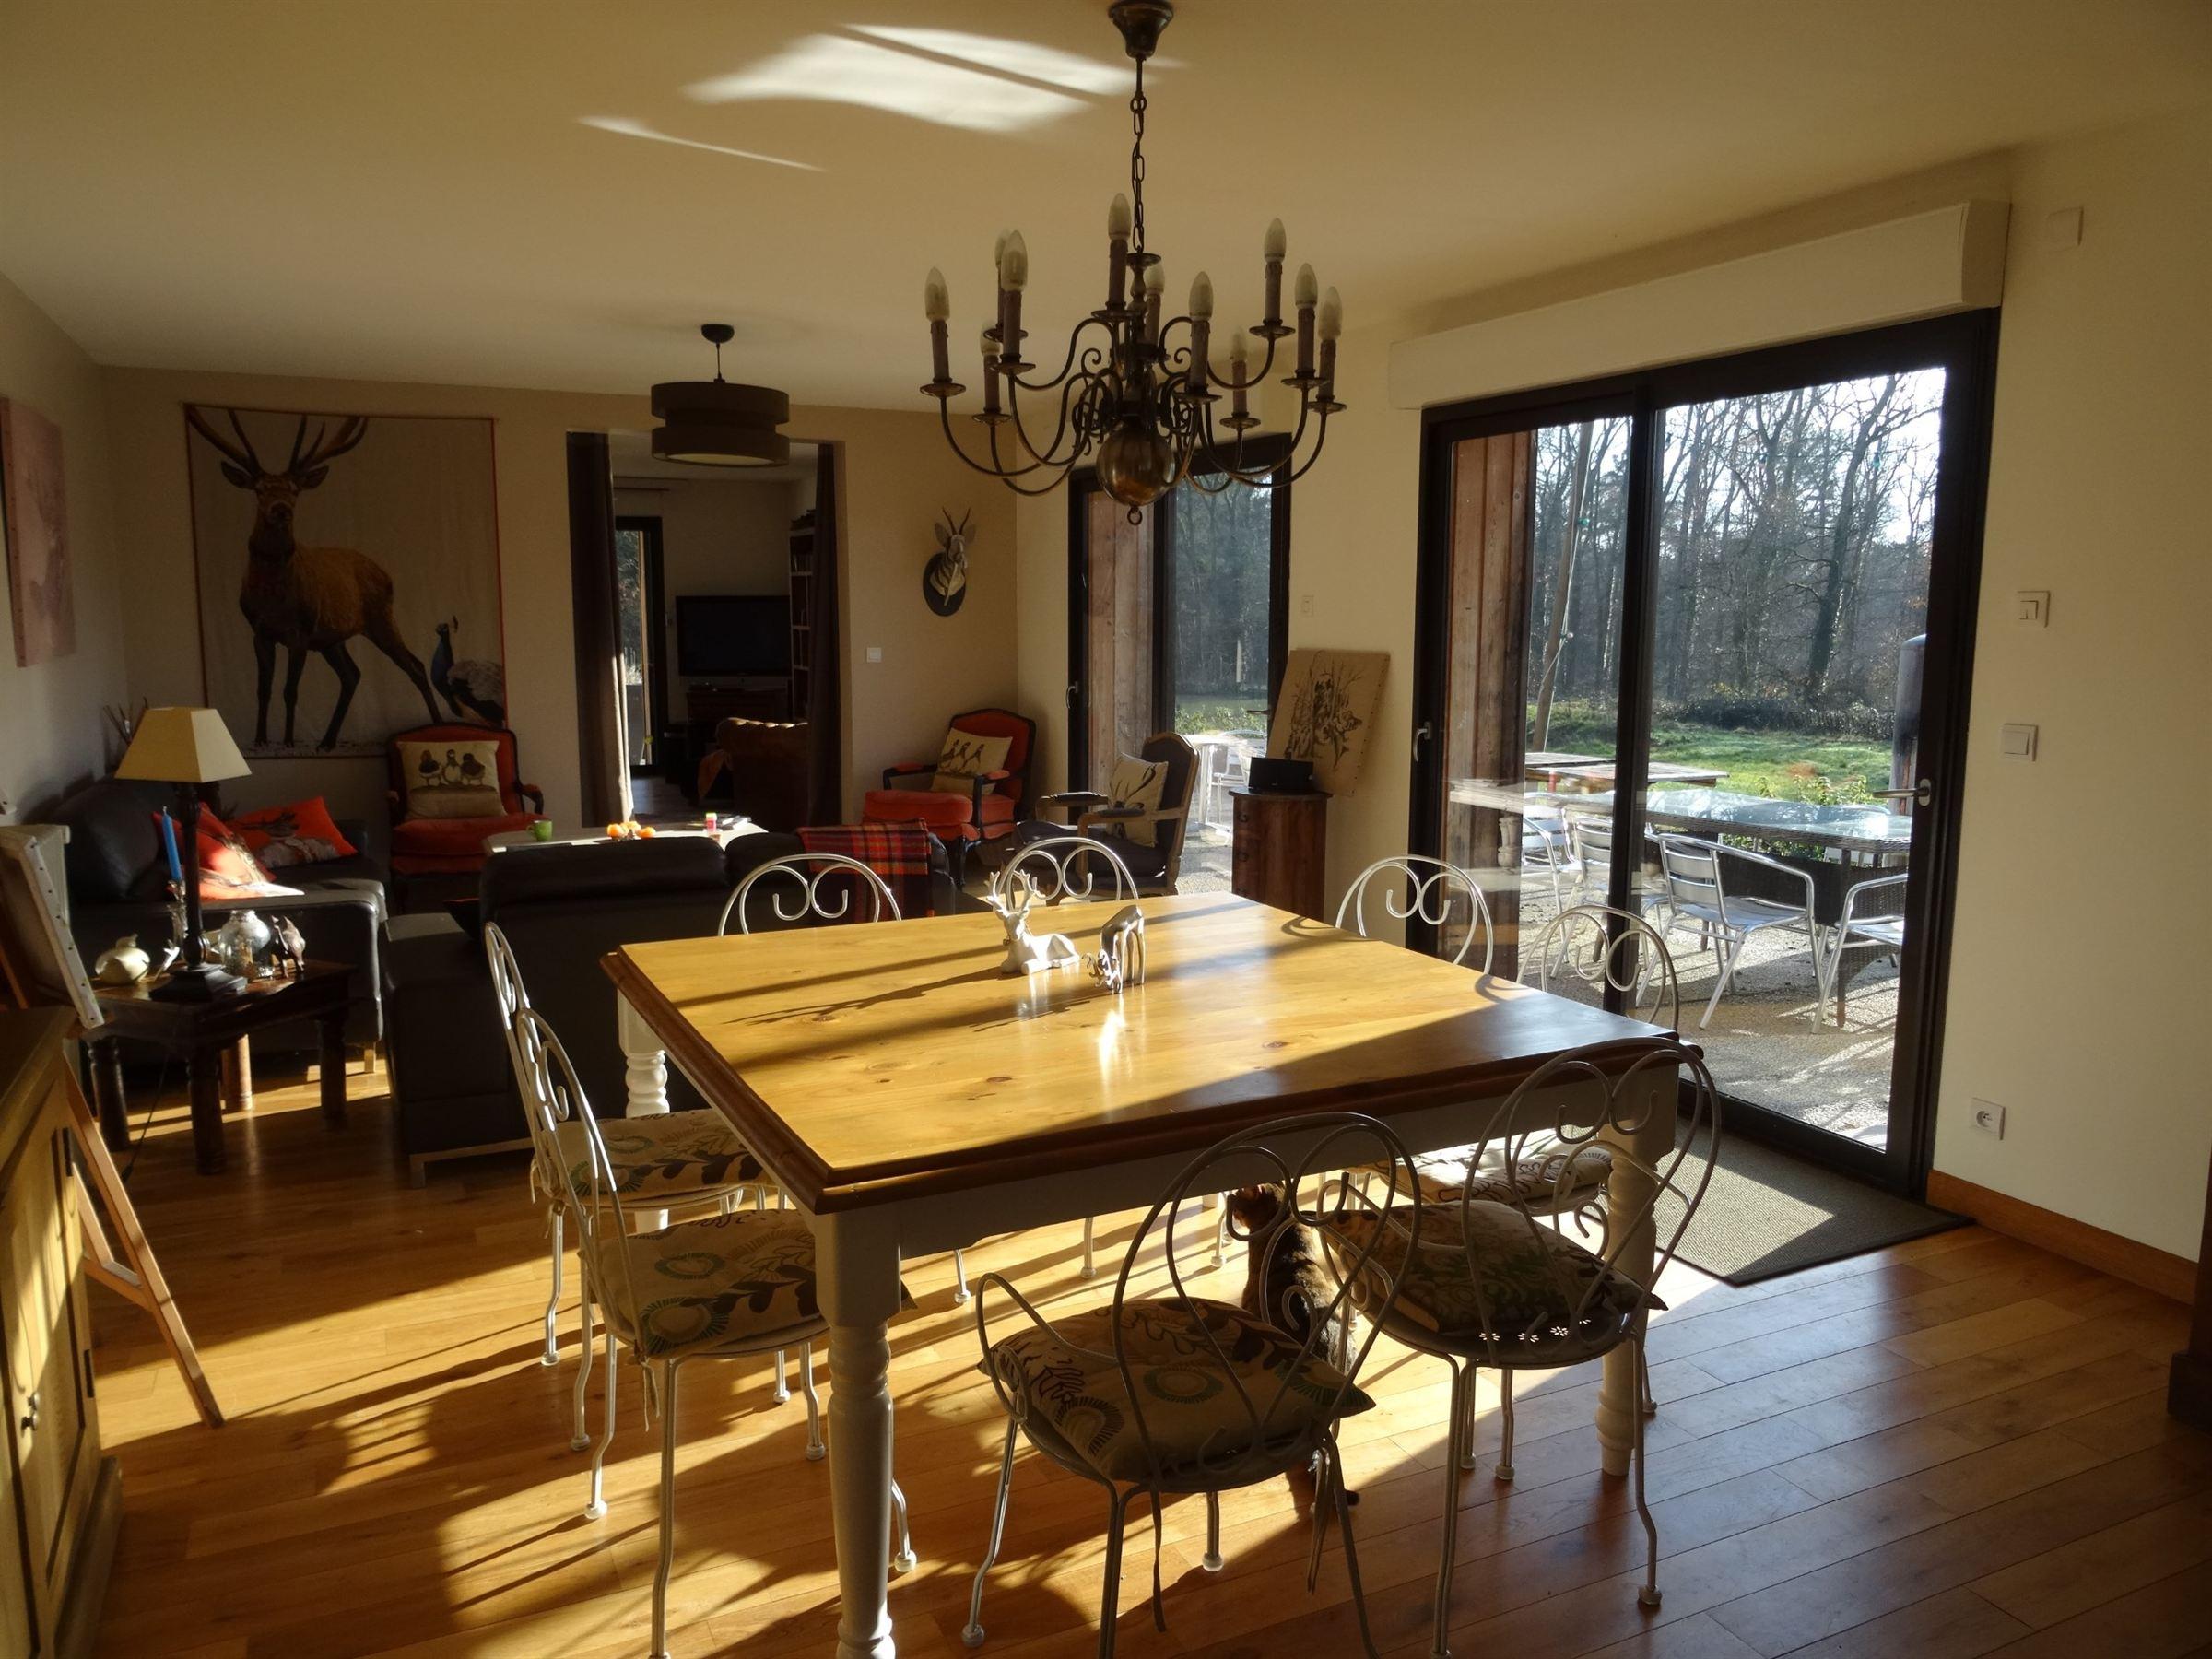 Casa Unifamiliar por un Venta en Une rénovaton contemporaine pour cette solognote Other Centre, Centro, 45240 Francia